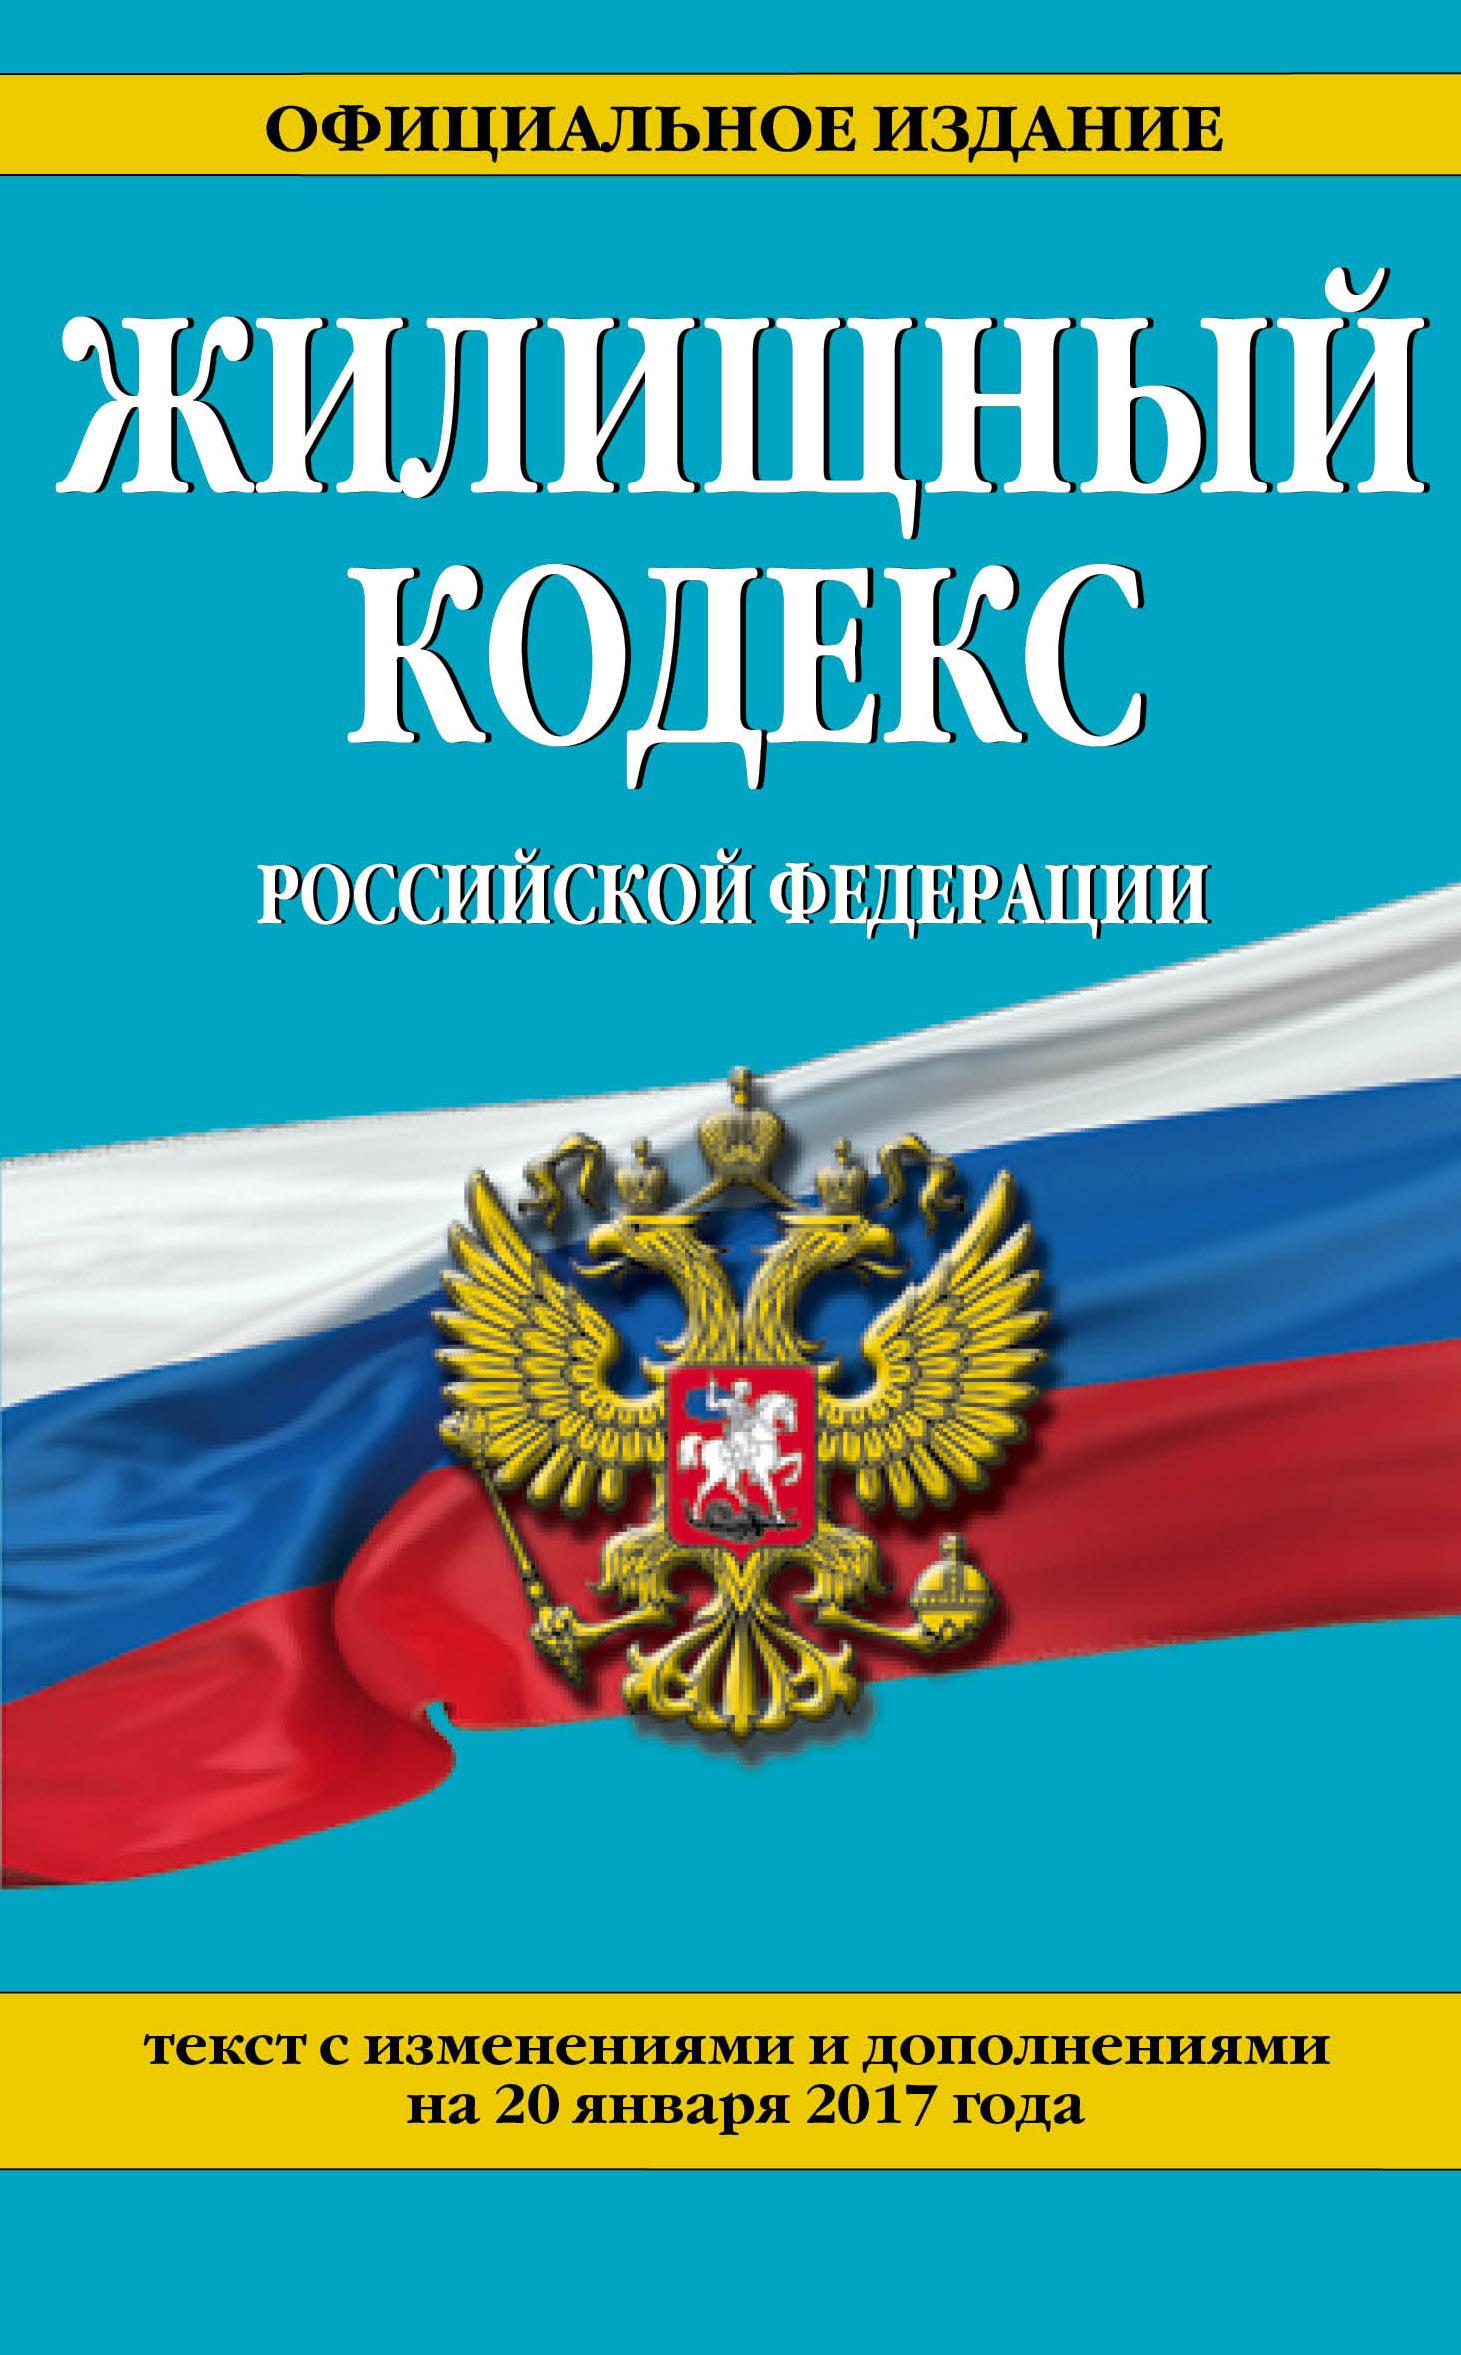 9785699952816 - Жилищный кодекс Российской Федерации - Книга